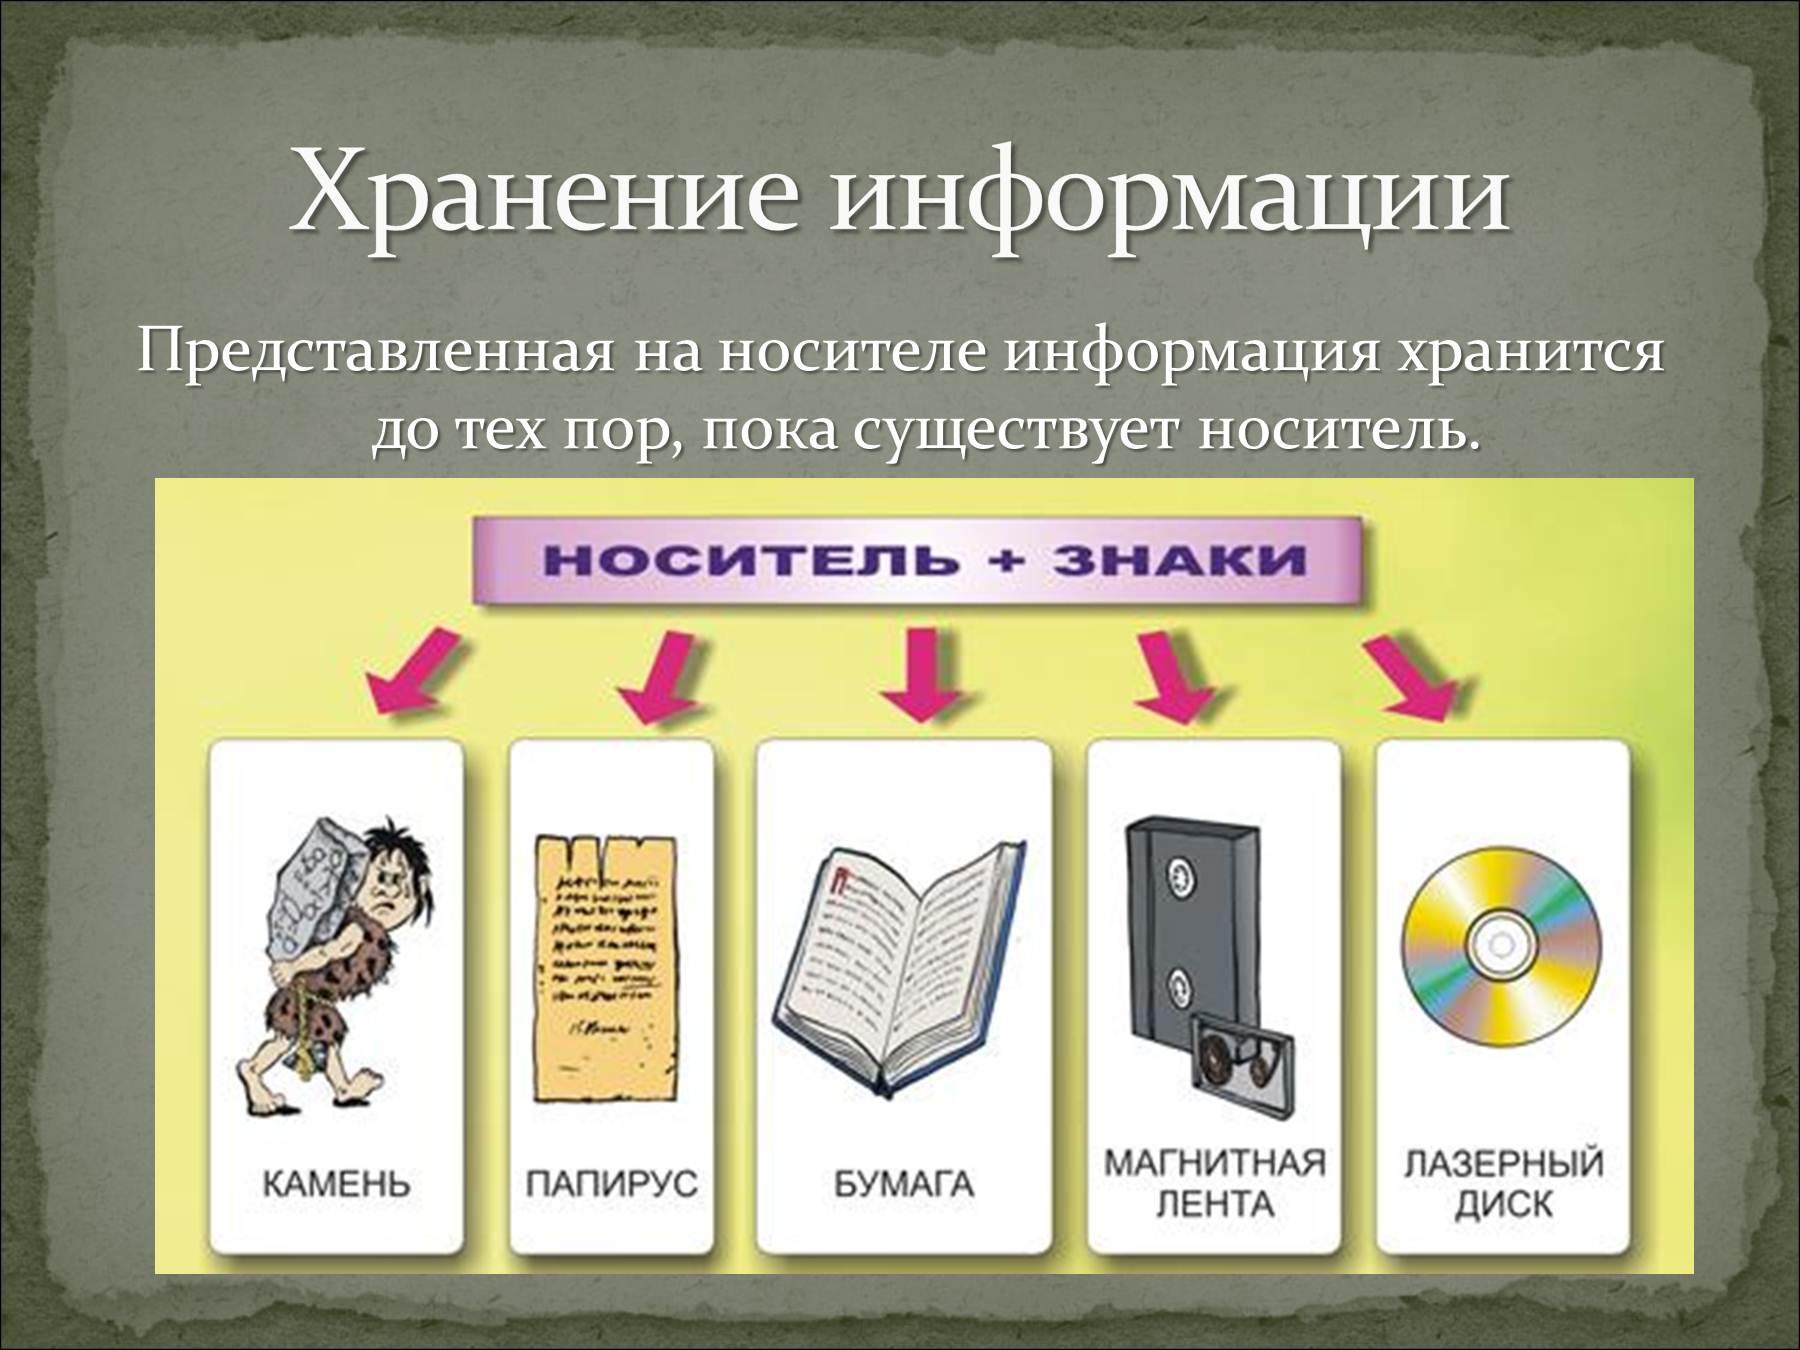 заполните схему хранение информации гдз 5 класс